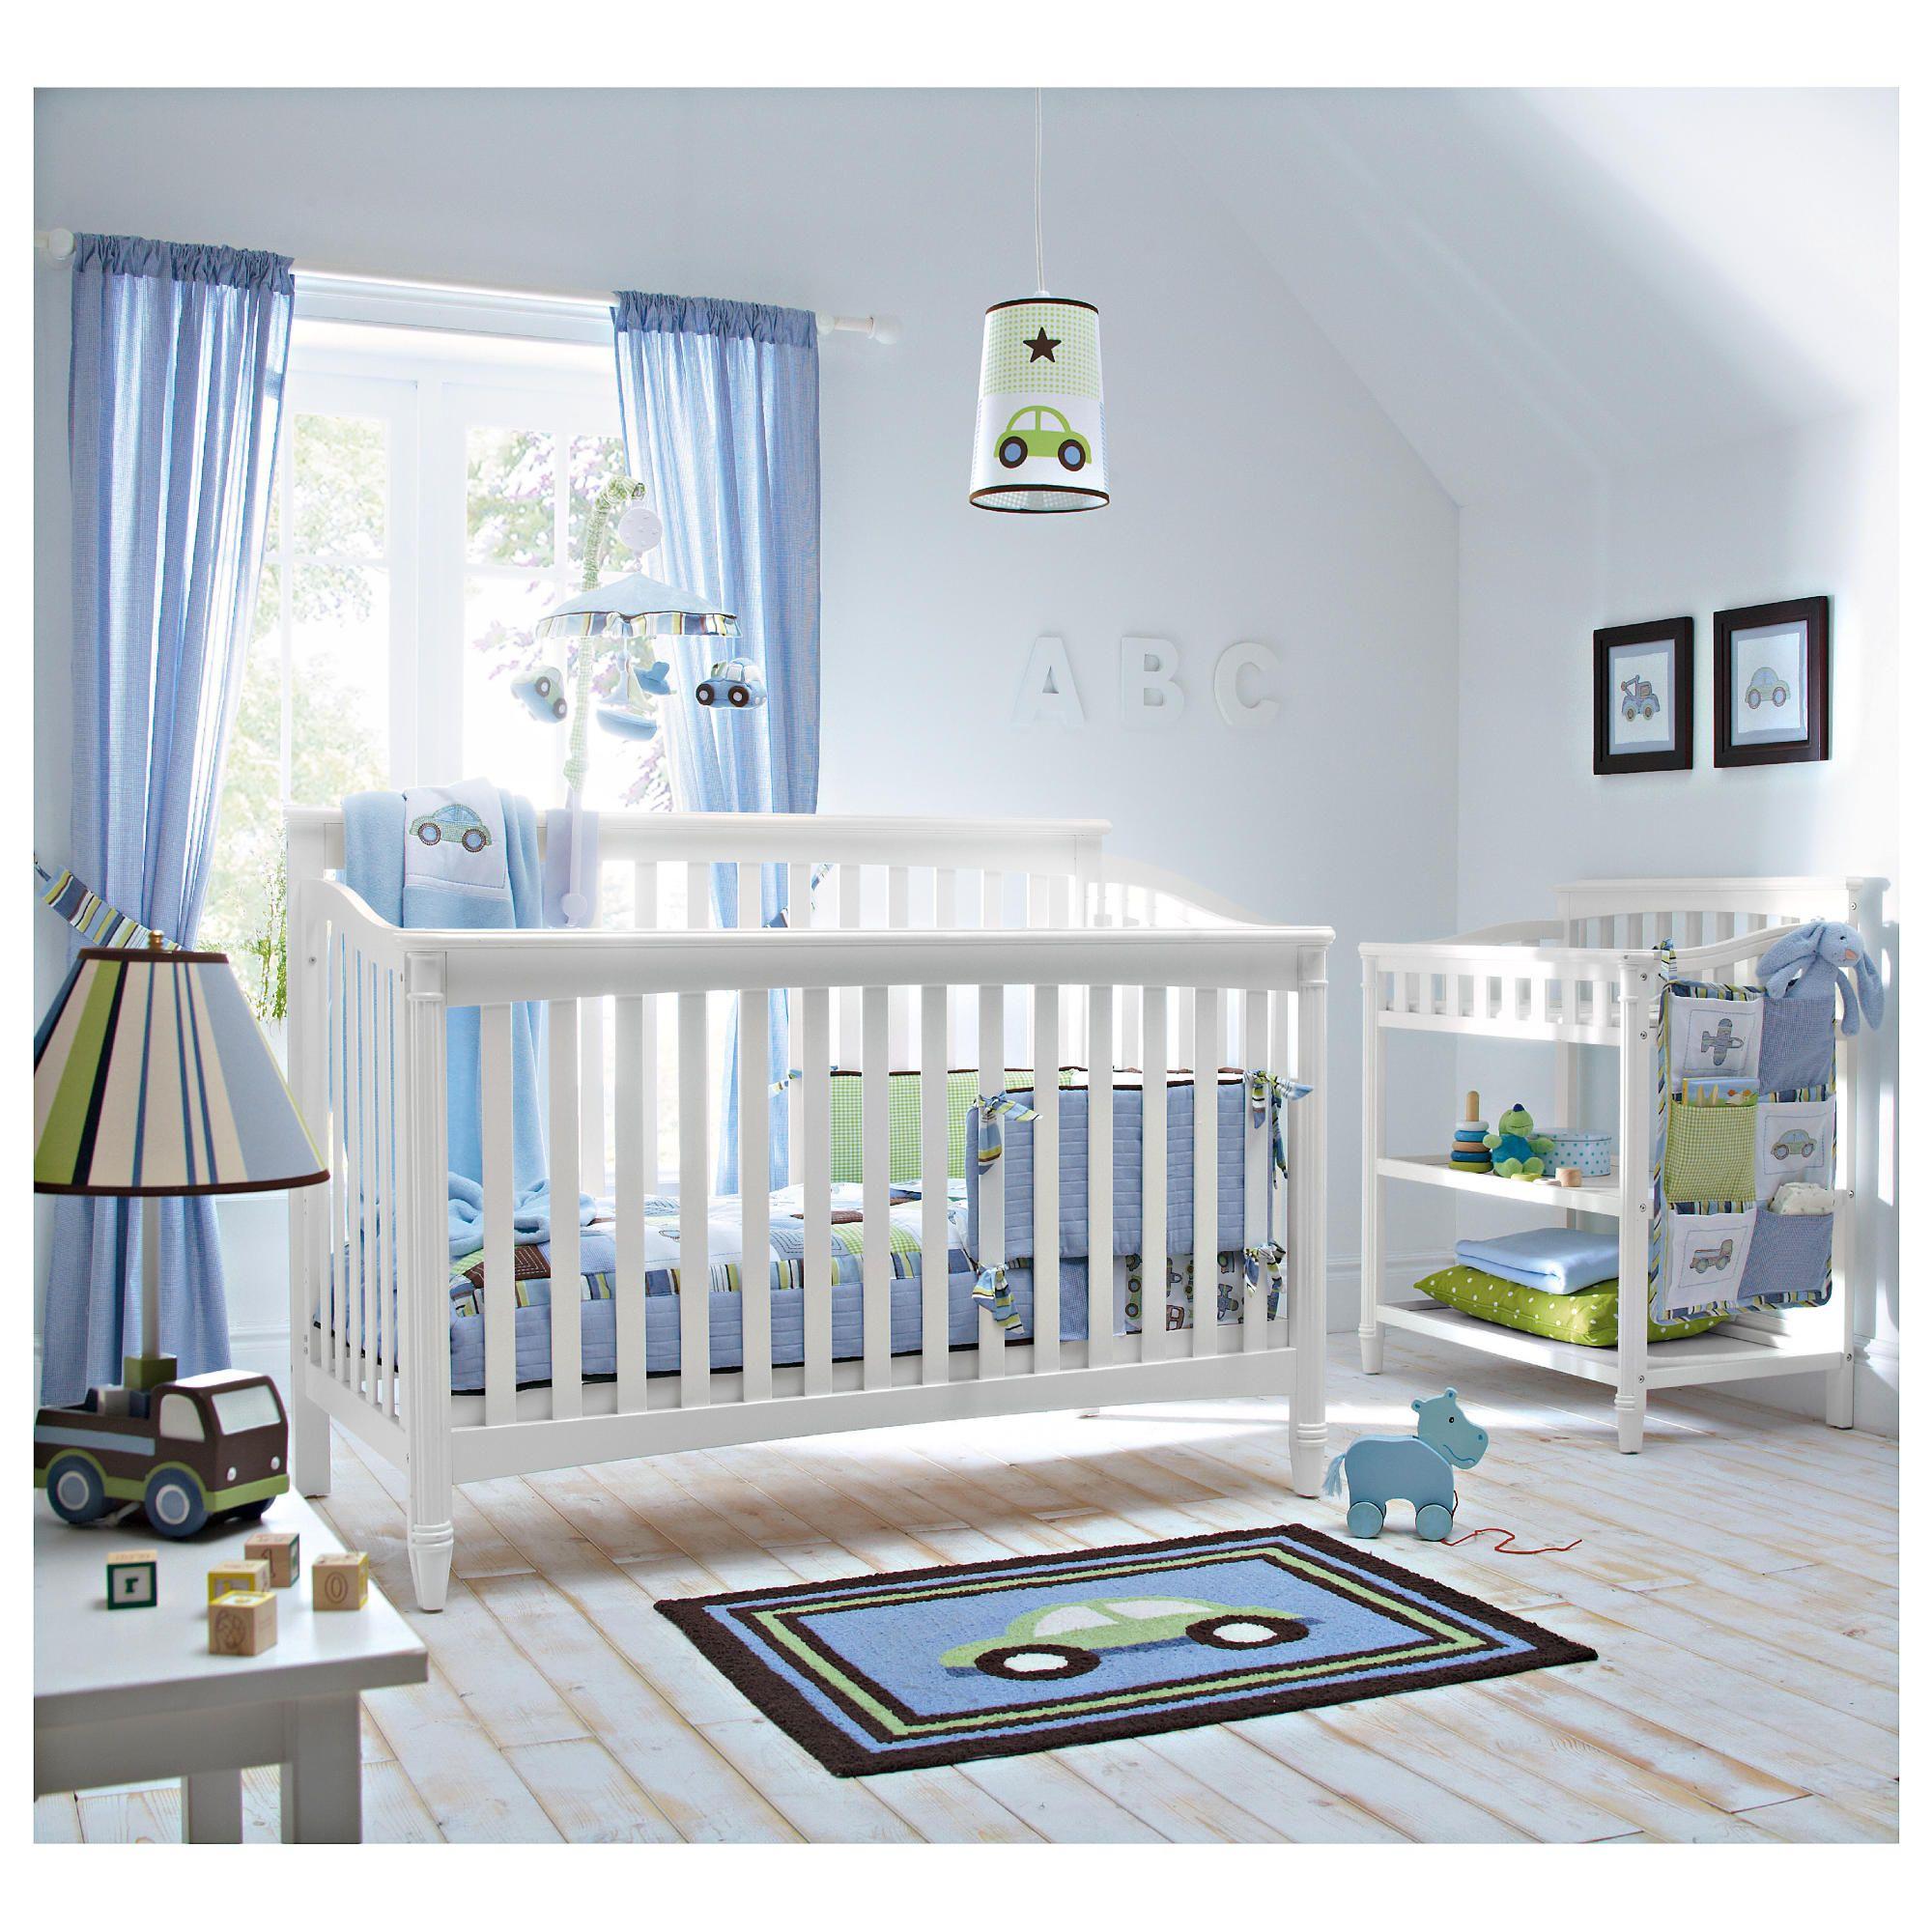 Kids Line La Jobi Geneva 4 in 1 Cot Bed, White at Tesco Direct